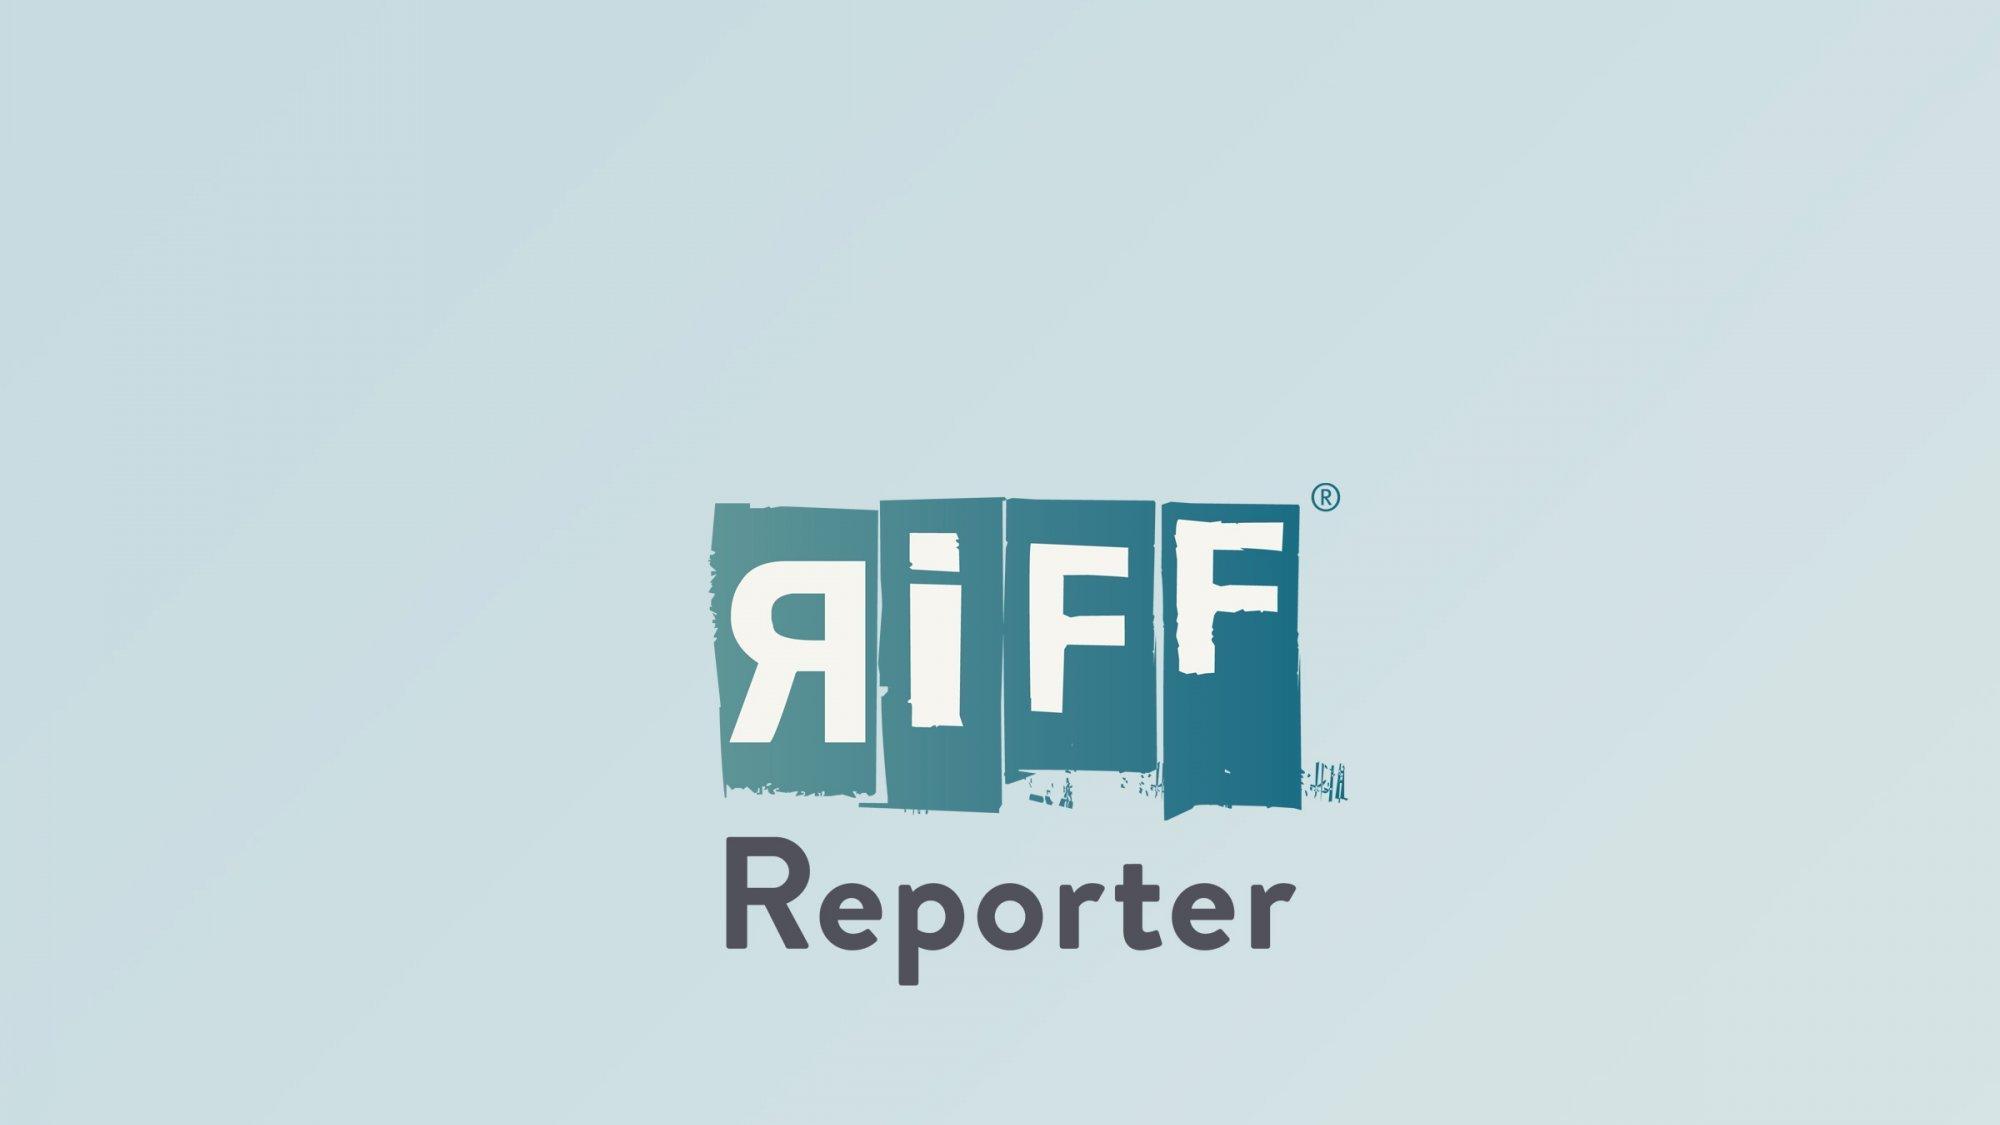 Ulf Buschmann hat sein Kinn auf seine rechte Hand gestützt und schaut von links nach rechts vom Ufer auf die Weser. Im Hintergrund sind die Mündung der Lesum und ein Leuchtturm zu sehen.